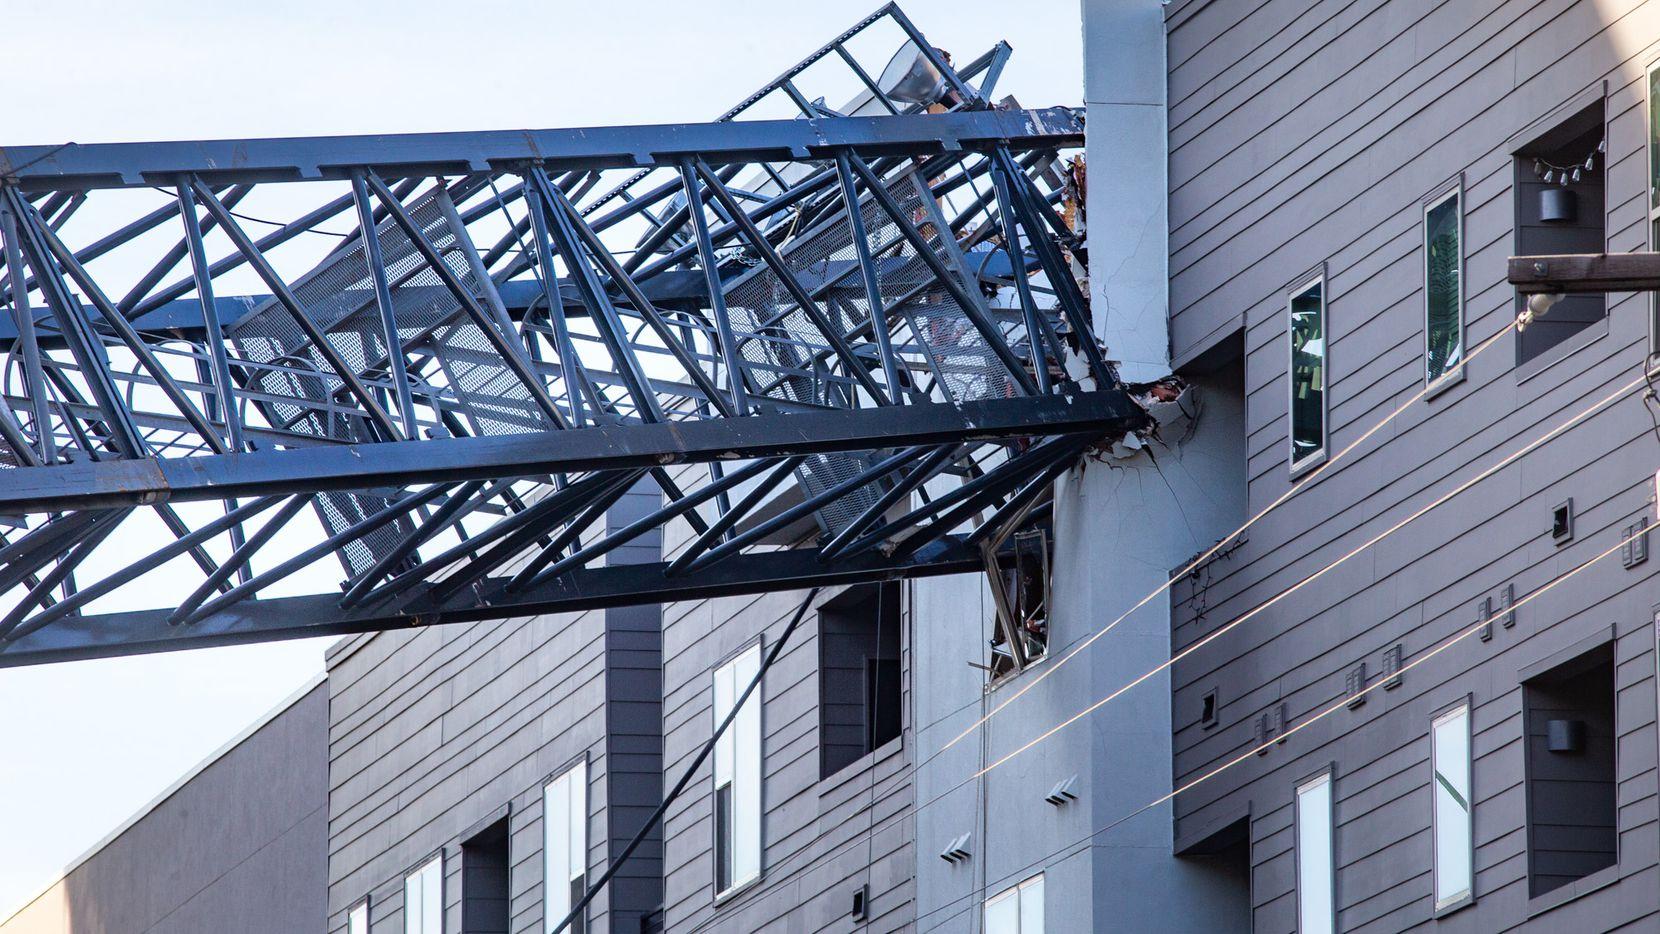 La grúa de construcción se derrumbó sobre los apartamentos Elan City Lights, junto al centro de Dallas.